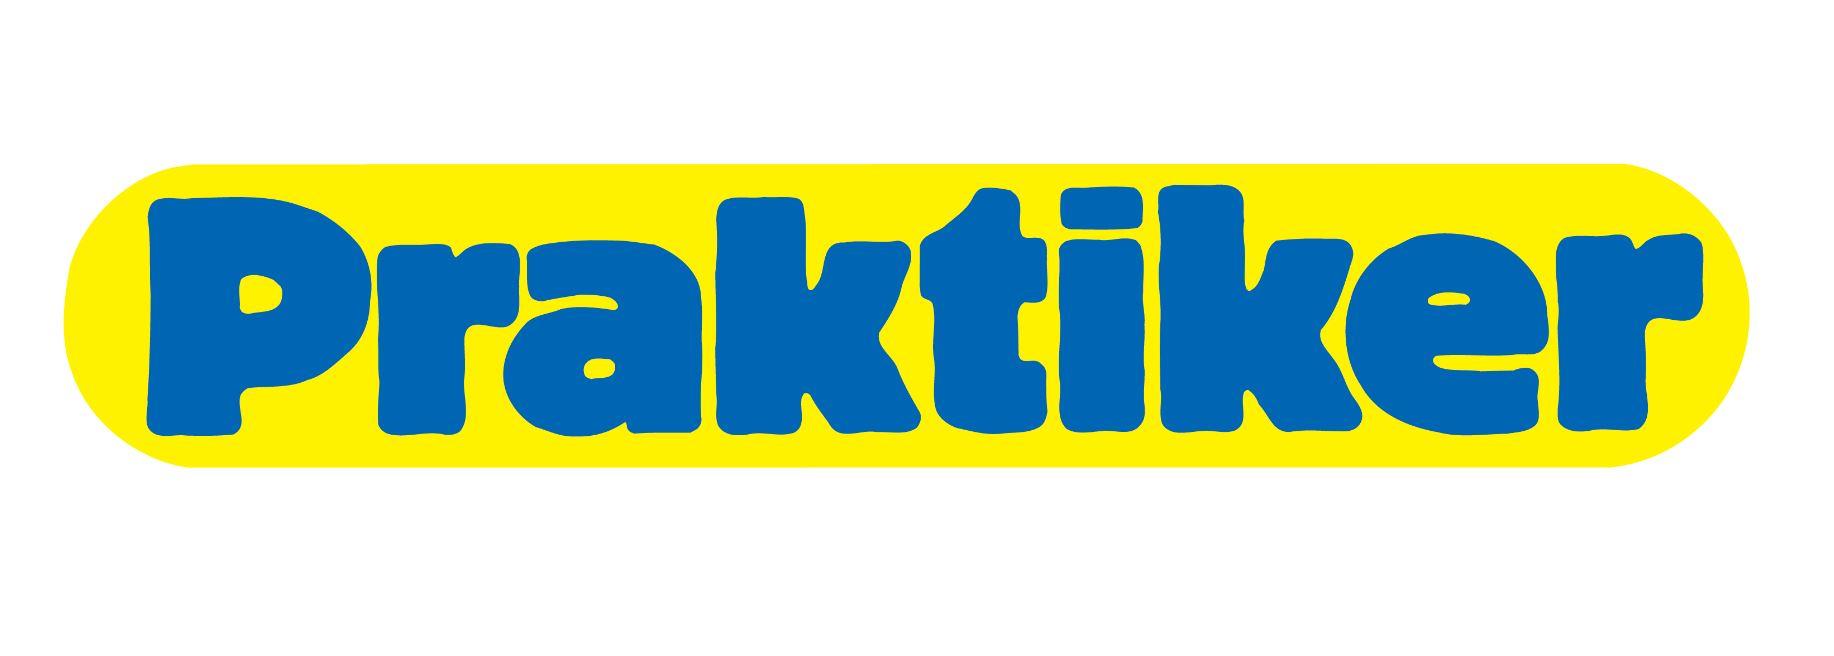 praktiker-kyriakh-anoixta-orario-xristougenna-praktiker-hellas